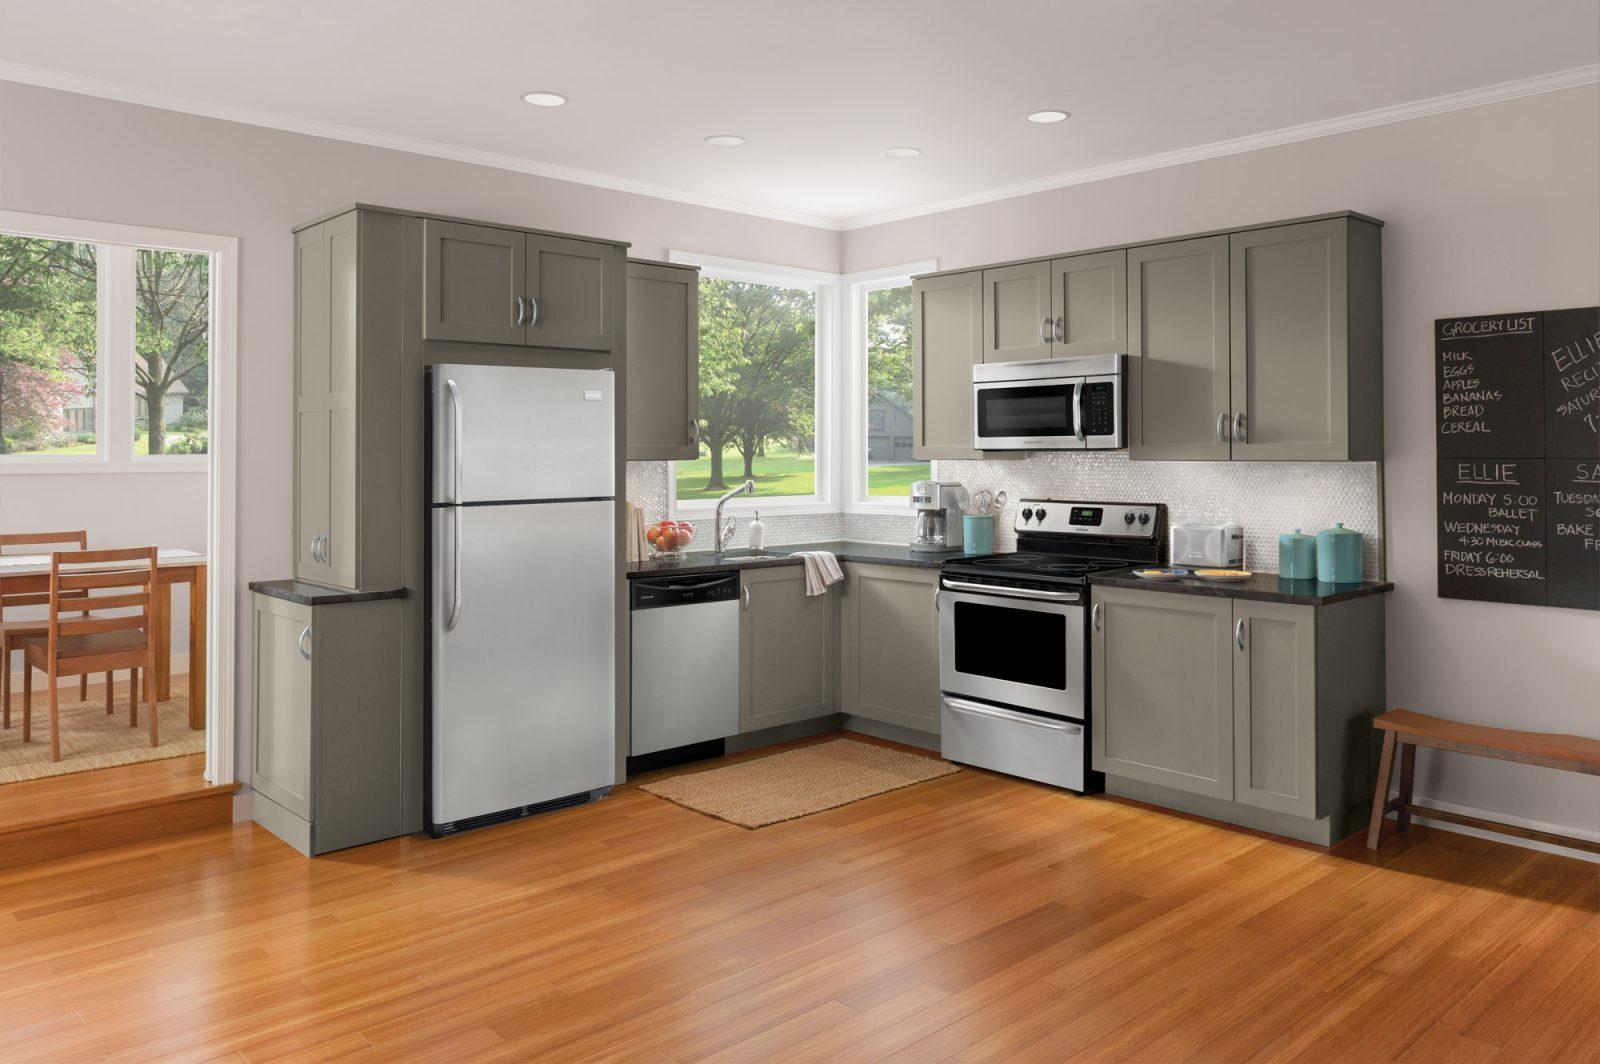 Principales marcas de microondas la casa tecno for Decoracion de cocinas modernas fotos